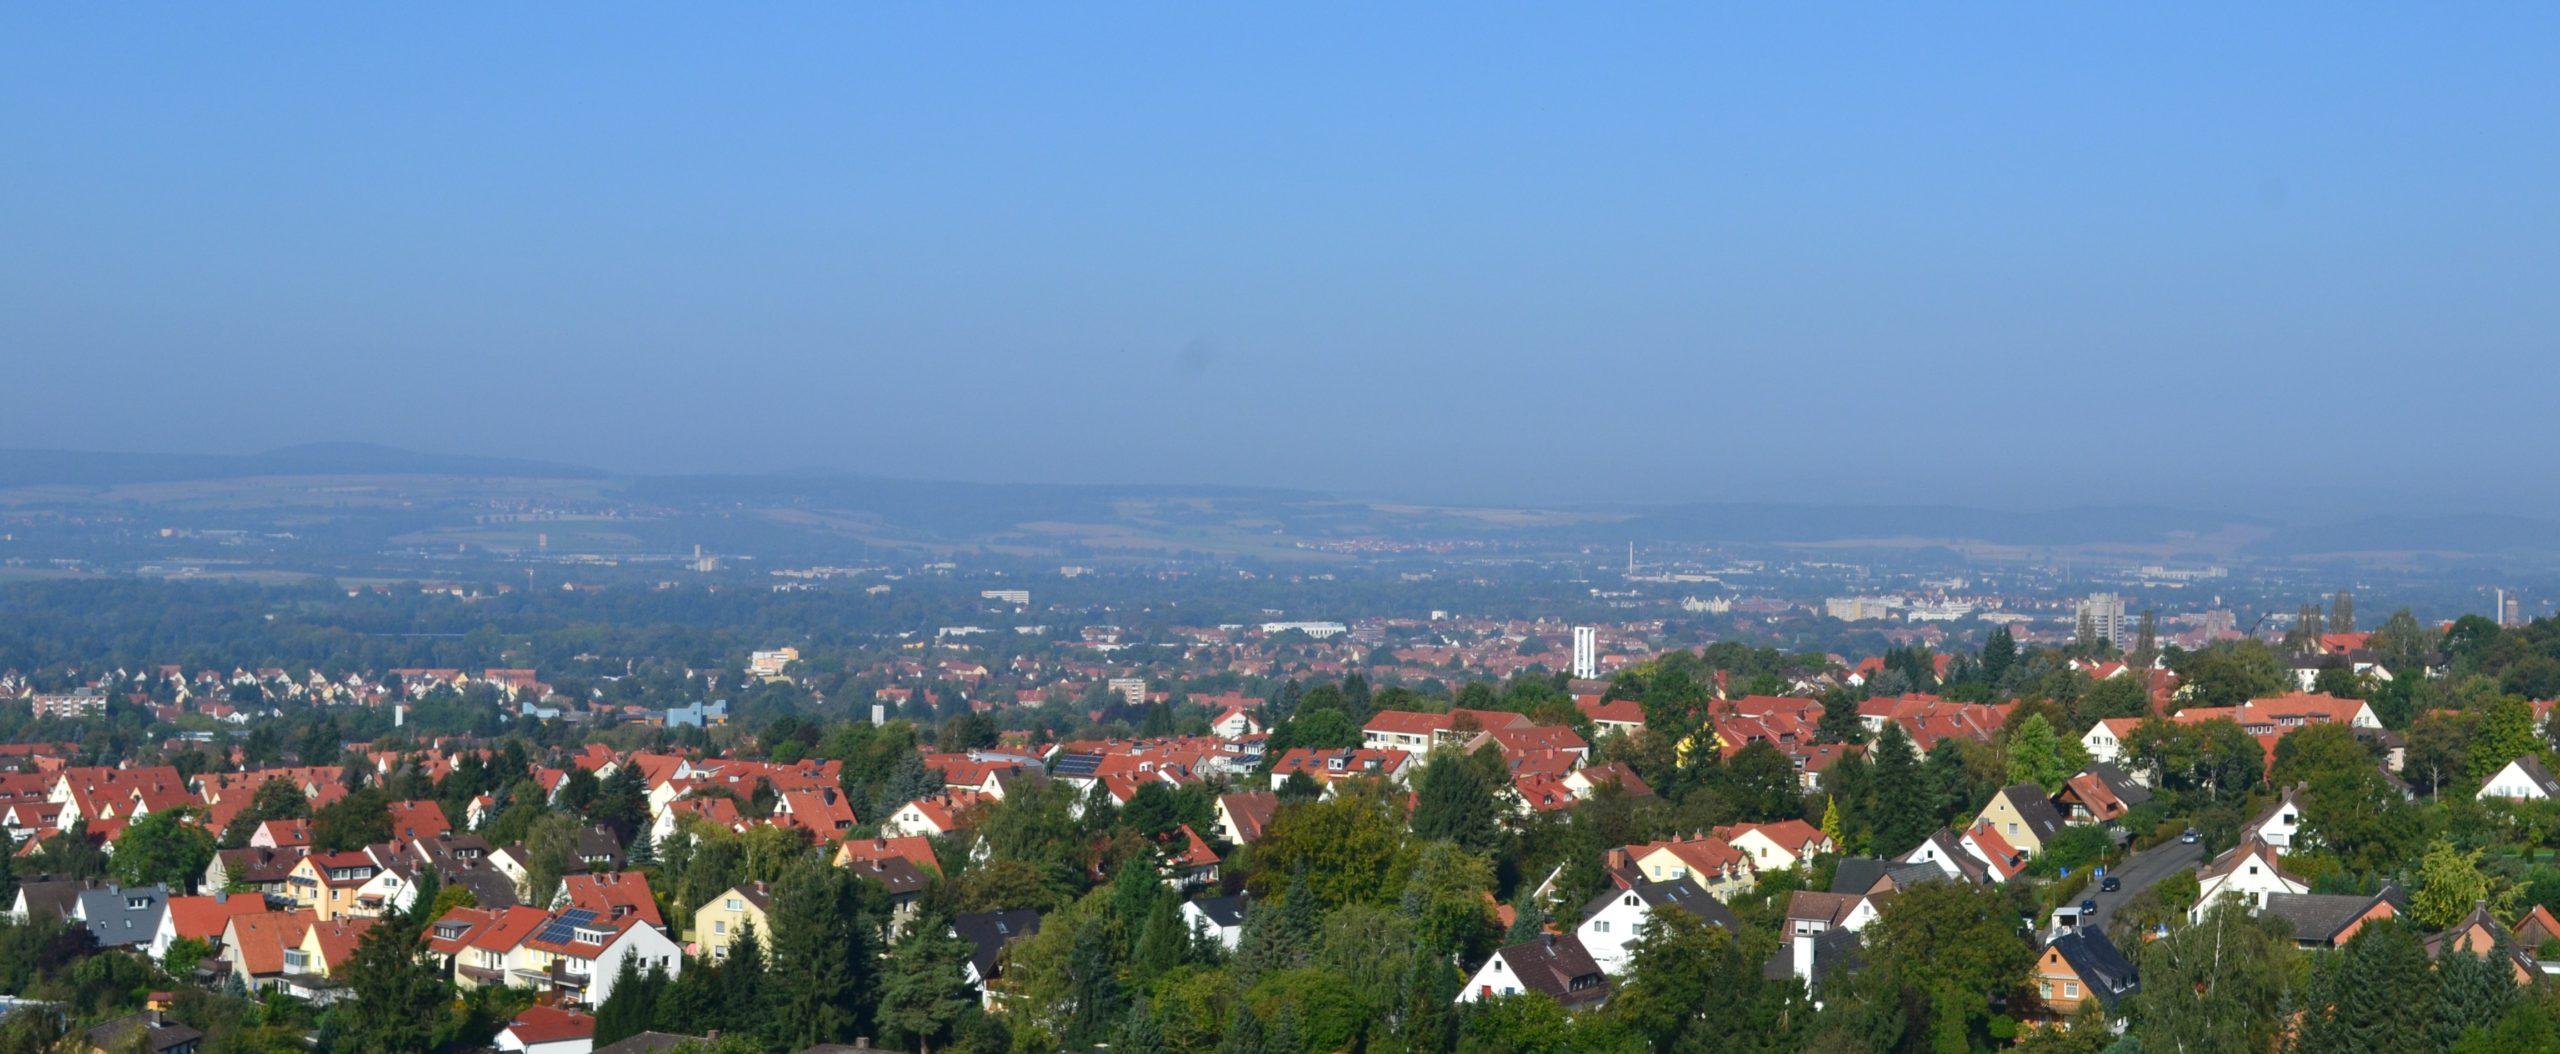 Göttingen erhält 225.000 Euro für wassersensible Stadtentwicklung